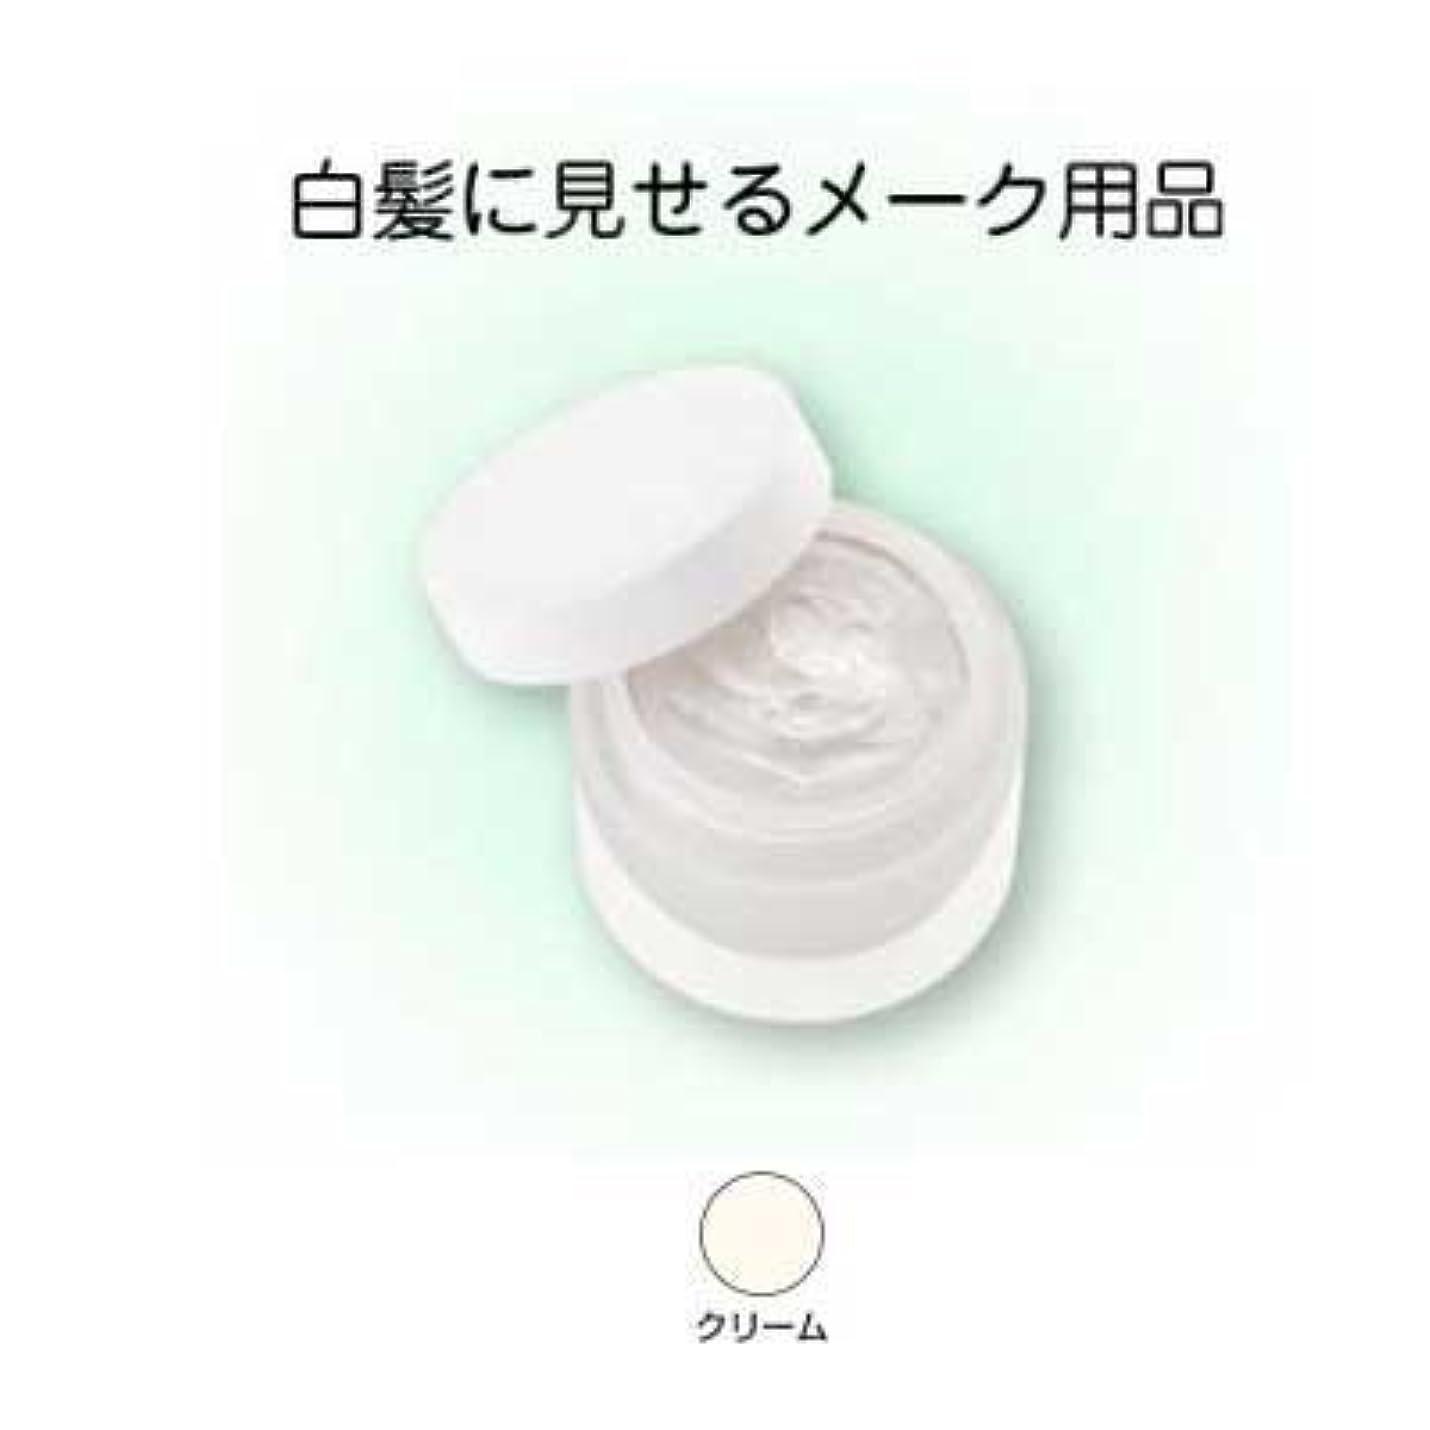 コンテンポラリー自動化回復するヘアシルバー 33g クリーム【三善】